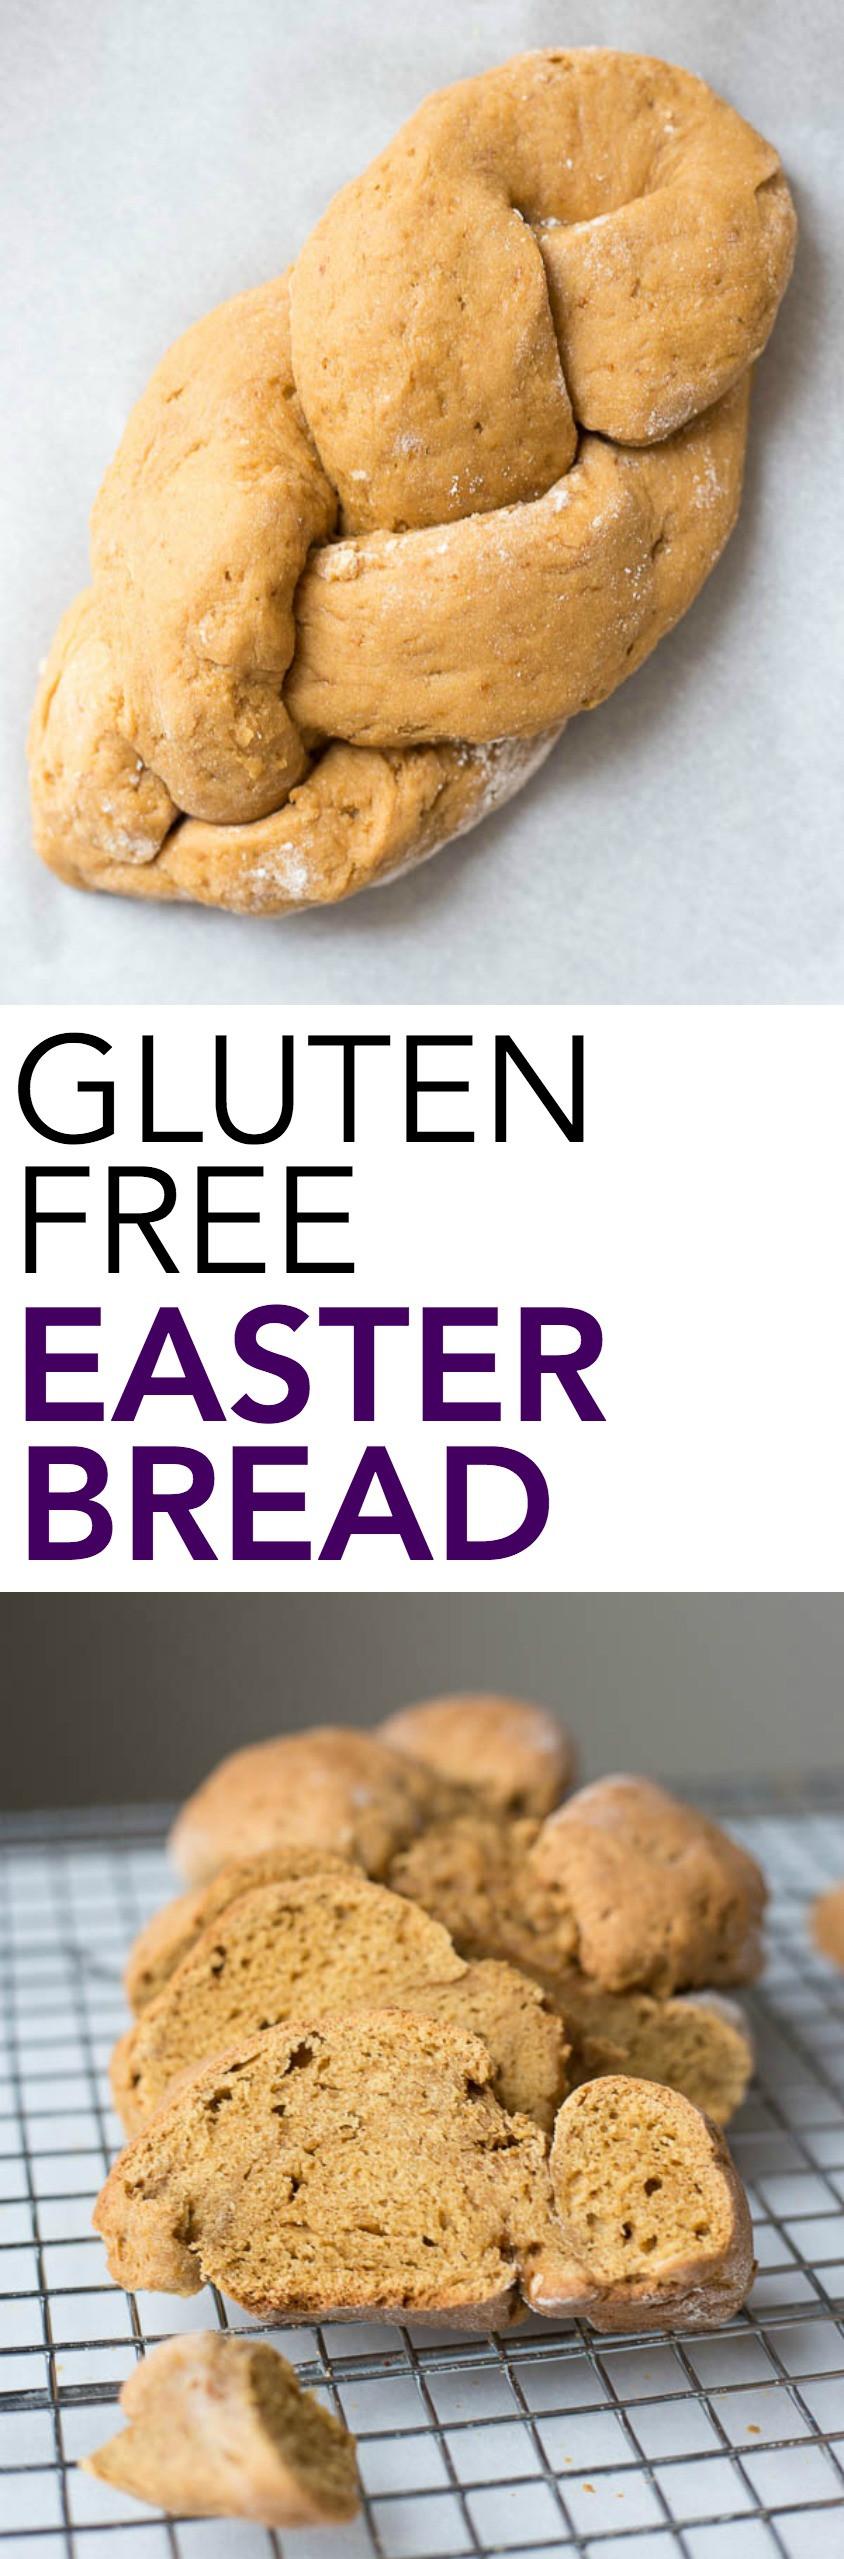 Gluten Free Easter Bread 20 Best Ideas Gluten Free Easter Bread Fooduzzi